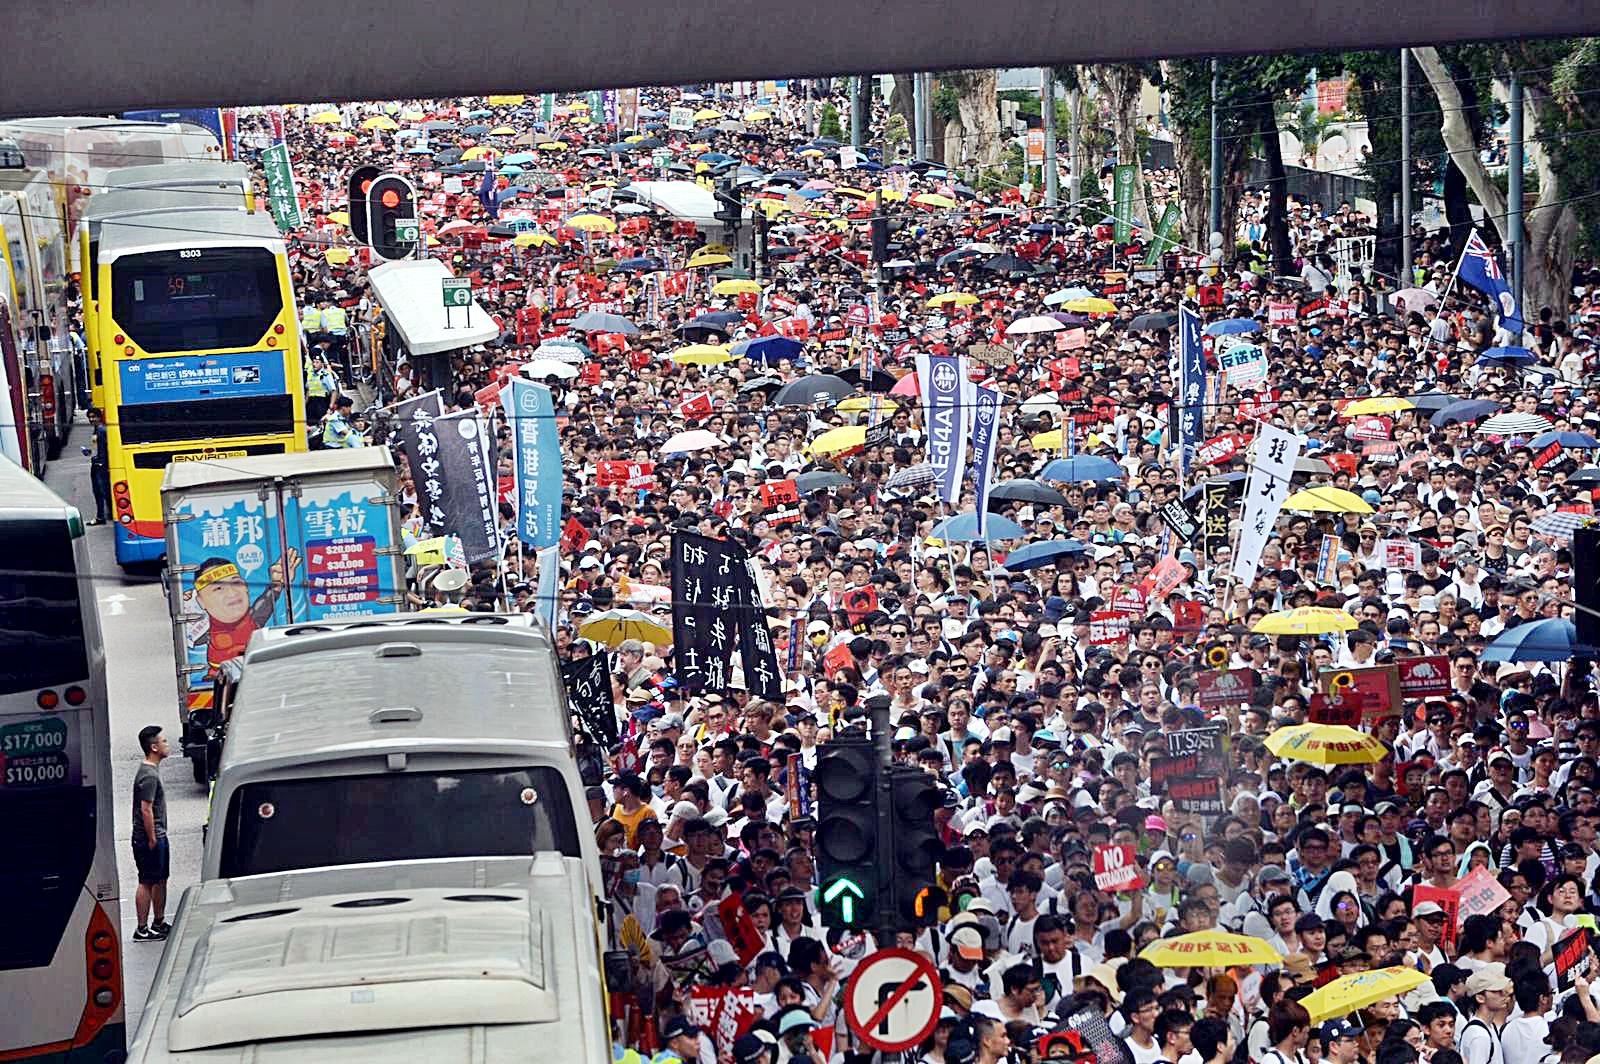 民陣指警方初步估計遊行人數為30萬人,不過警方澄清傳言是虛構。